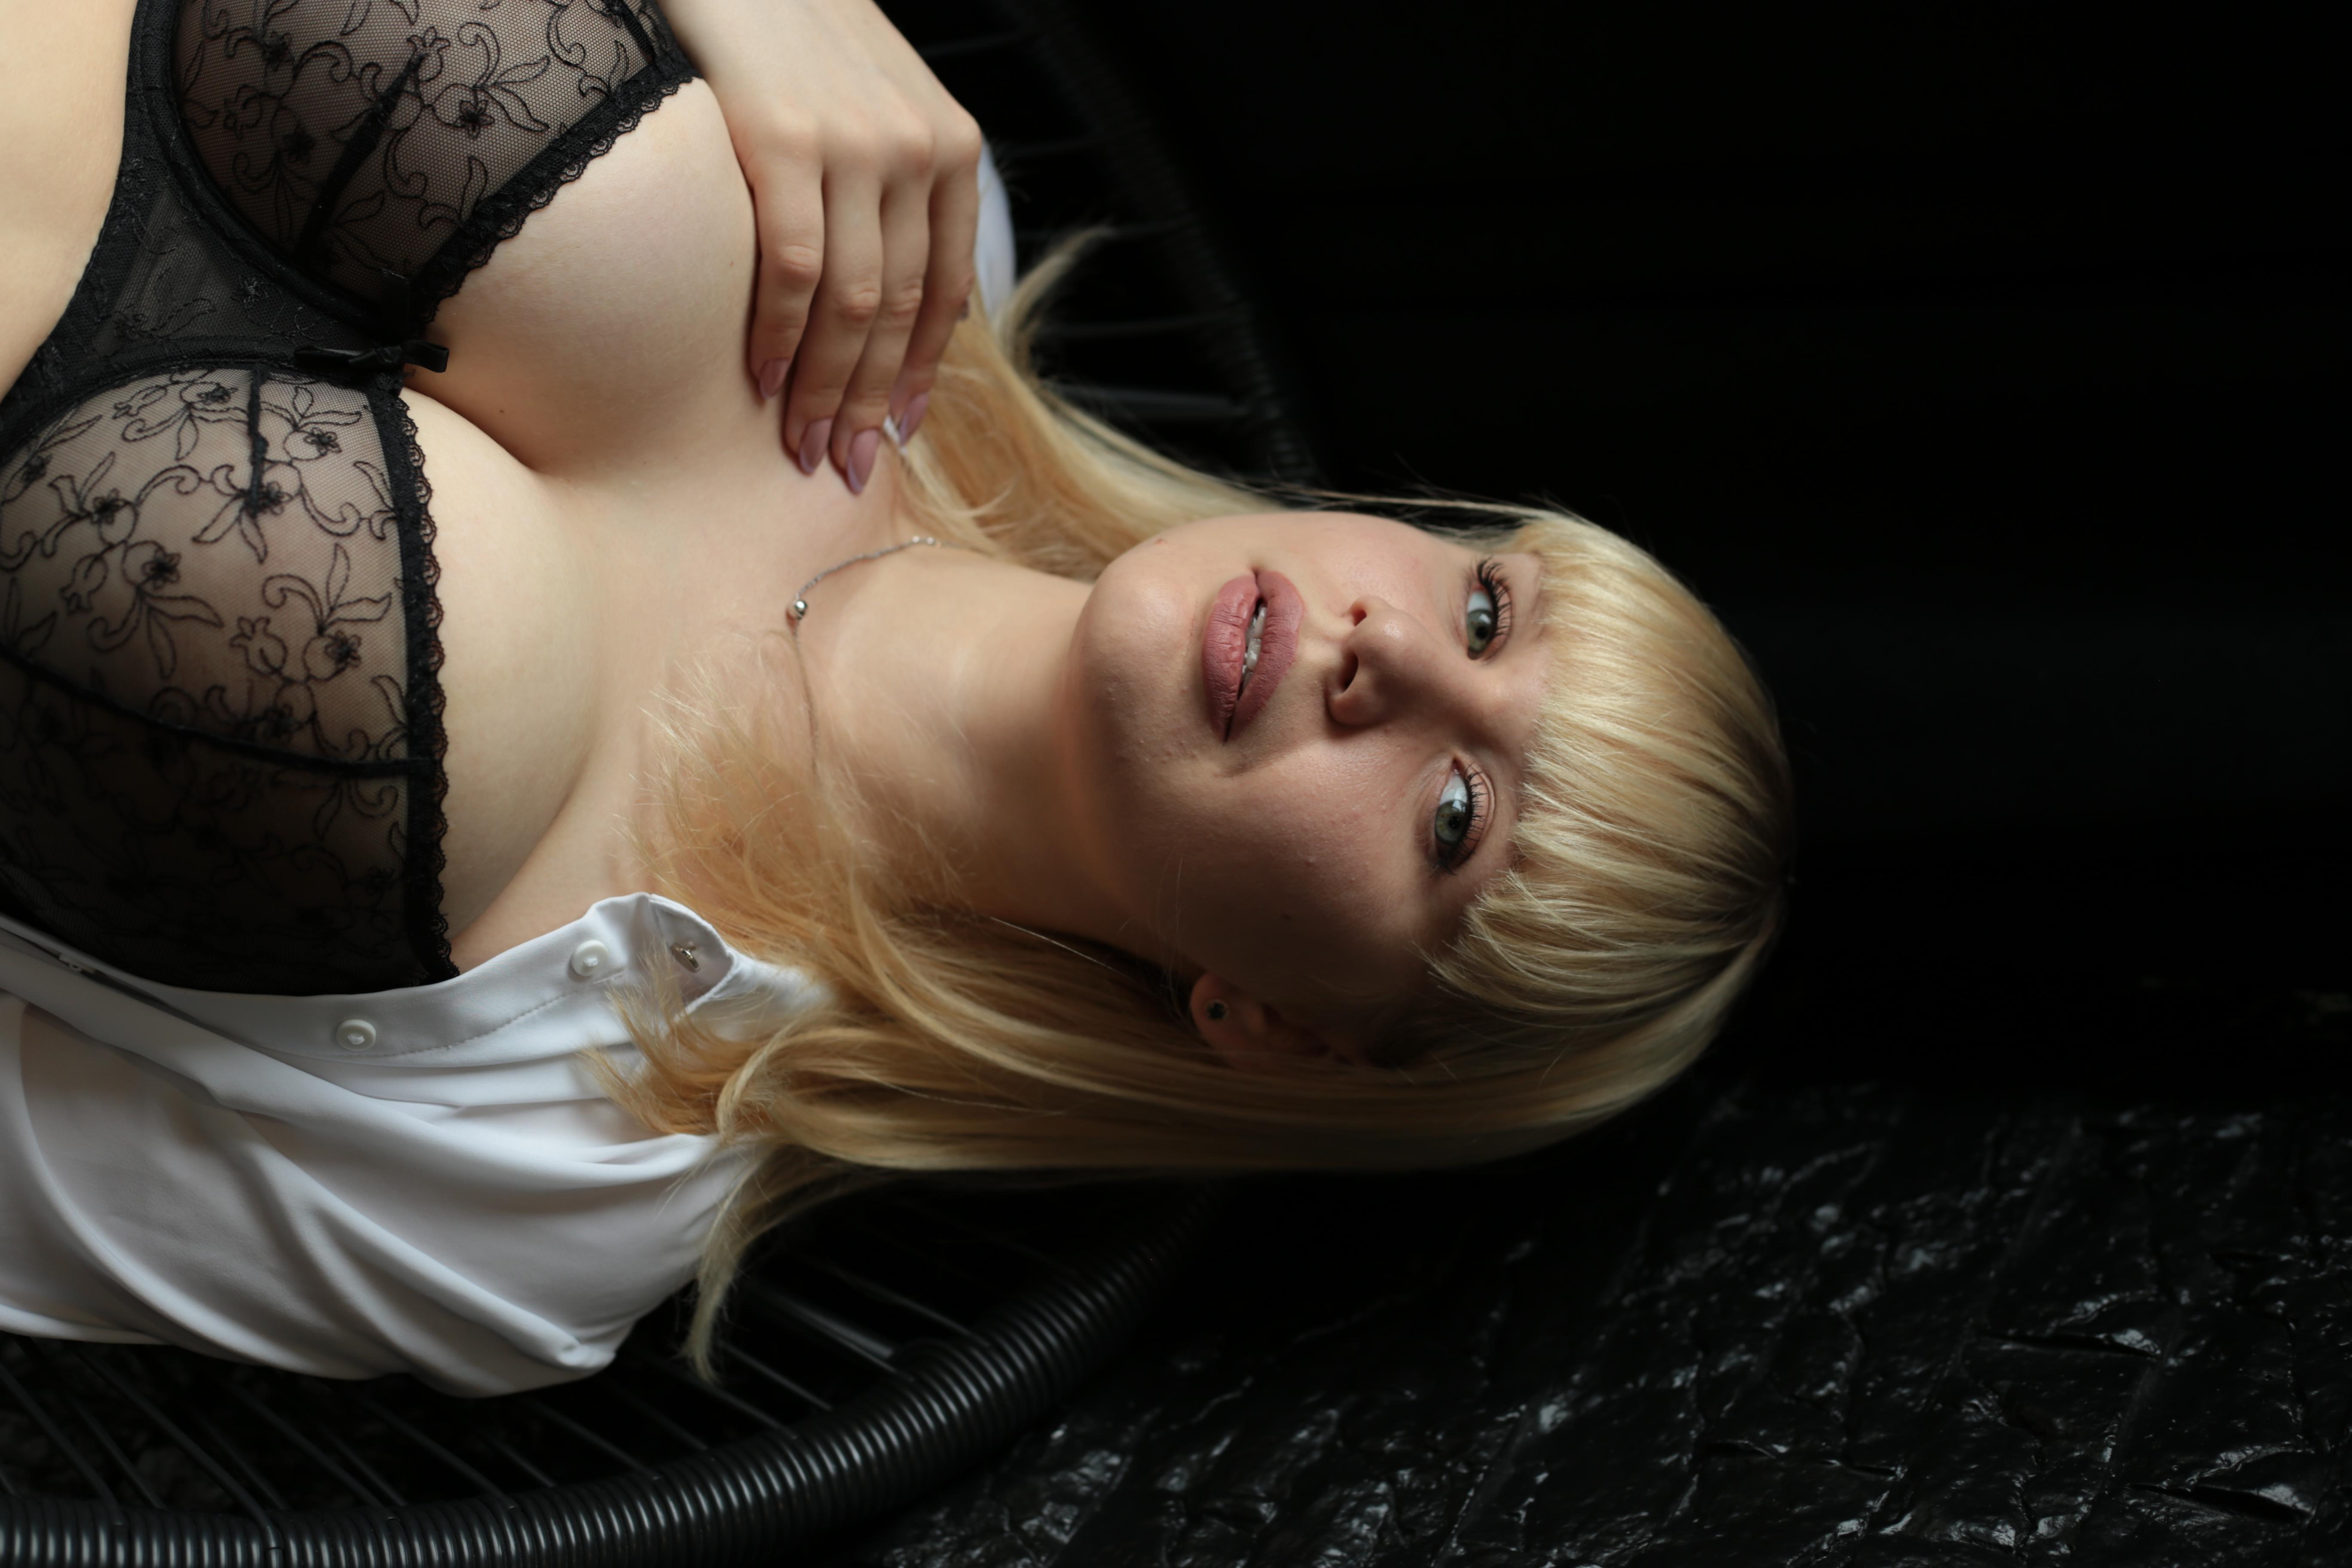 Sky blondex?s=gyrmbbdeefzzkz75xzf1ymexf48dgwvxn8wcwjmjzmw=